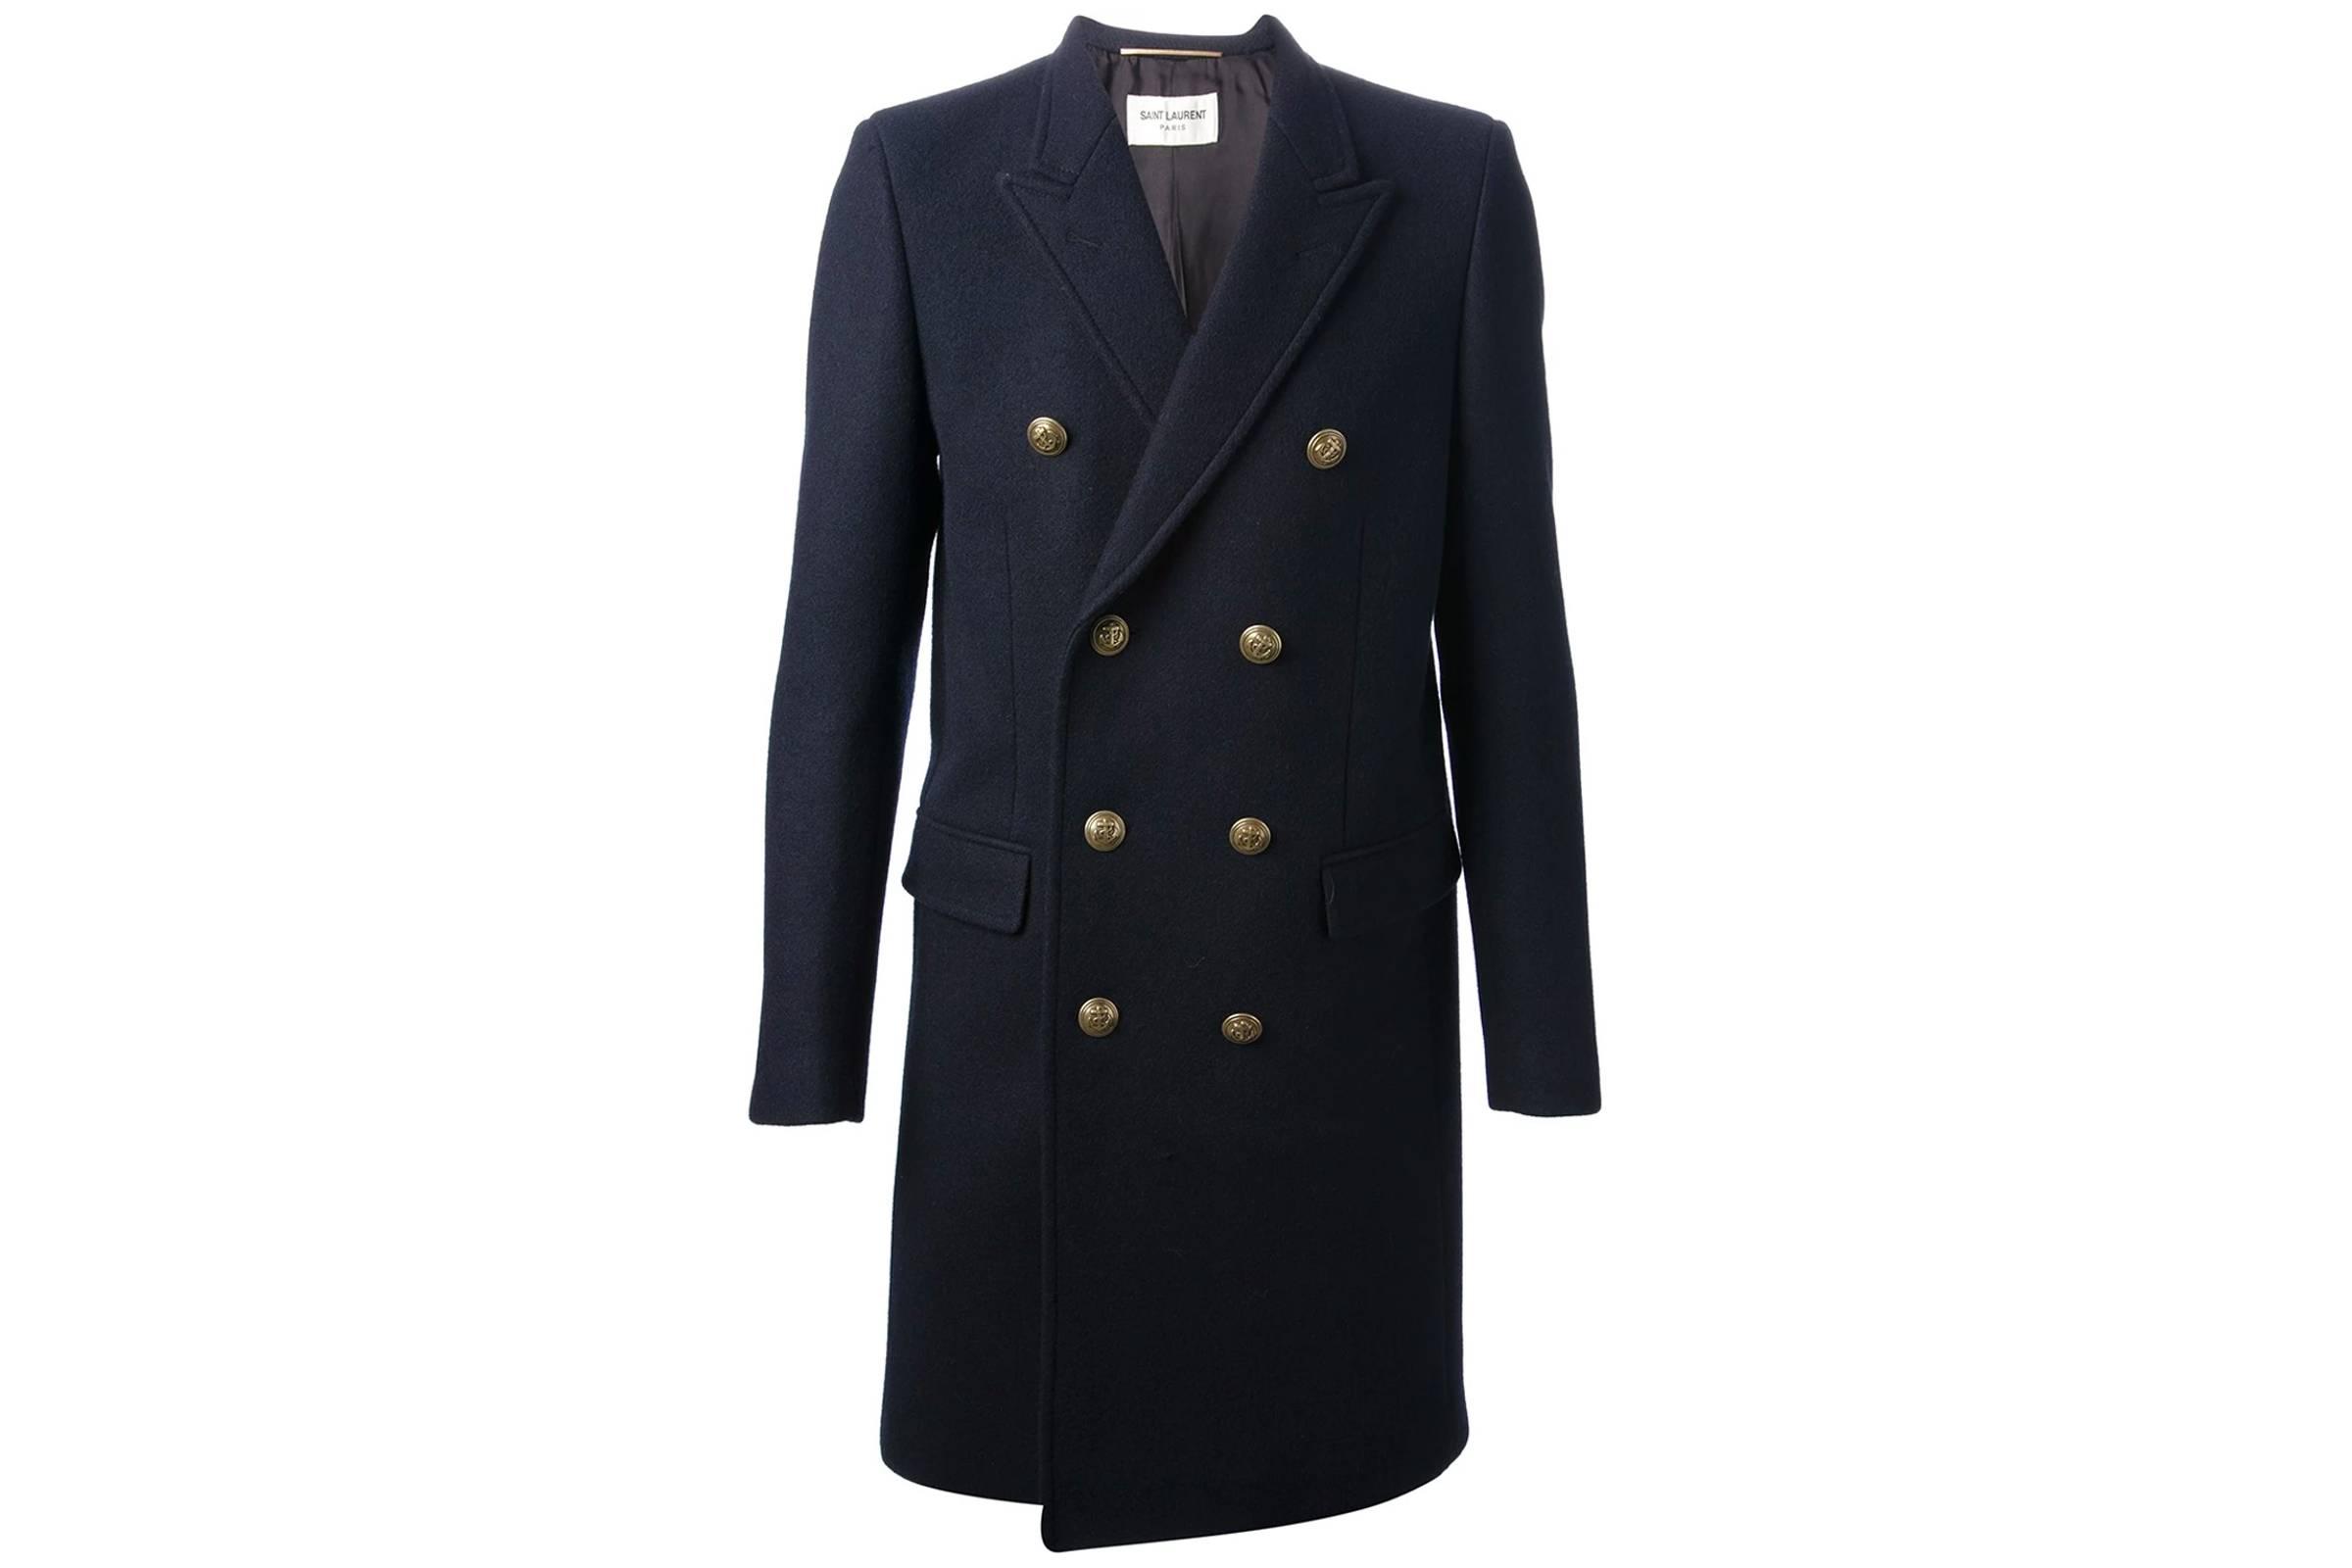 Saint Laurent Paris Naval Allure Coat